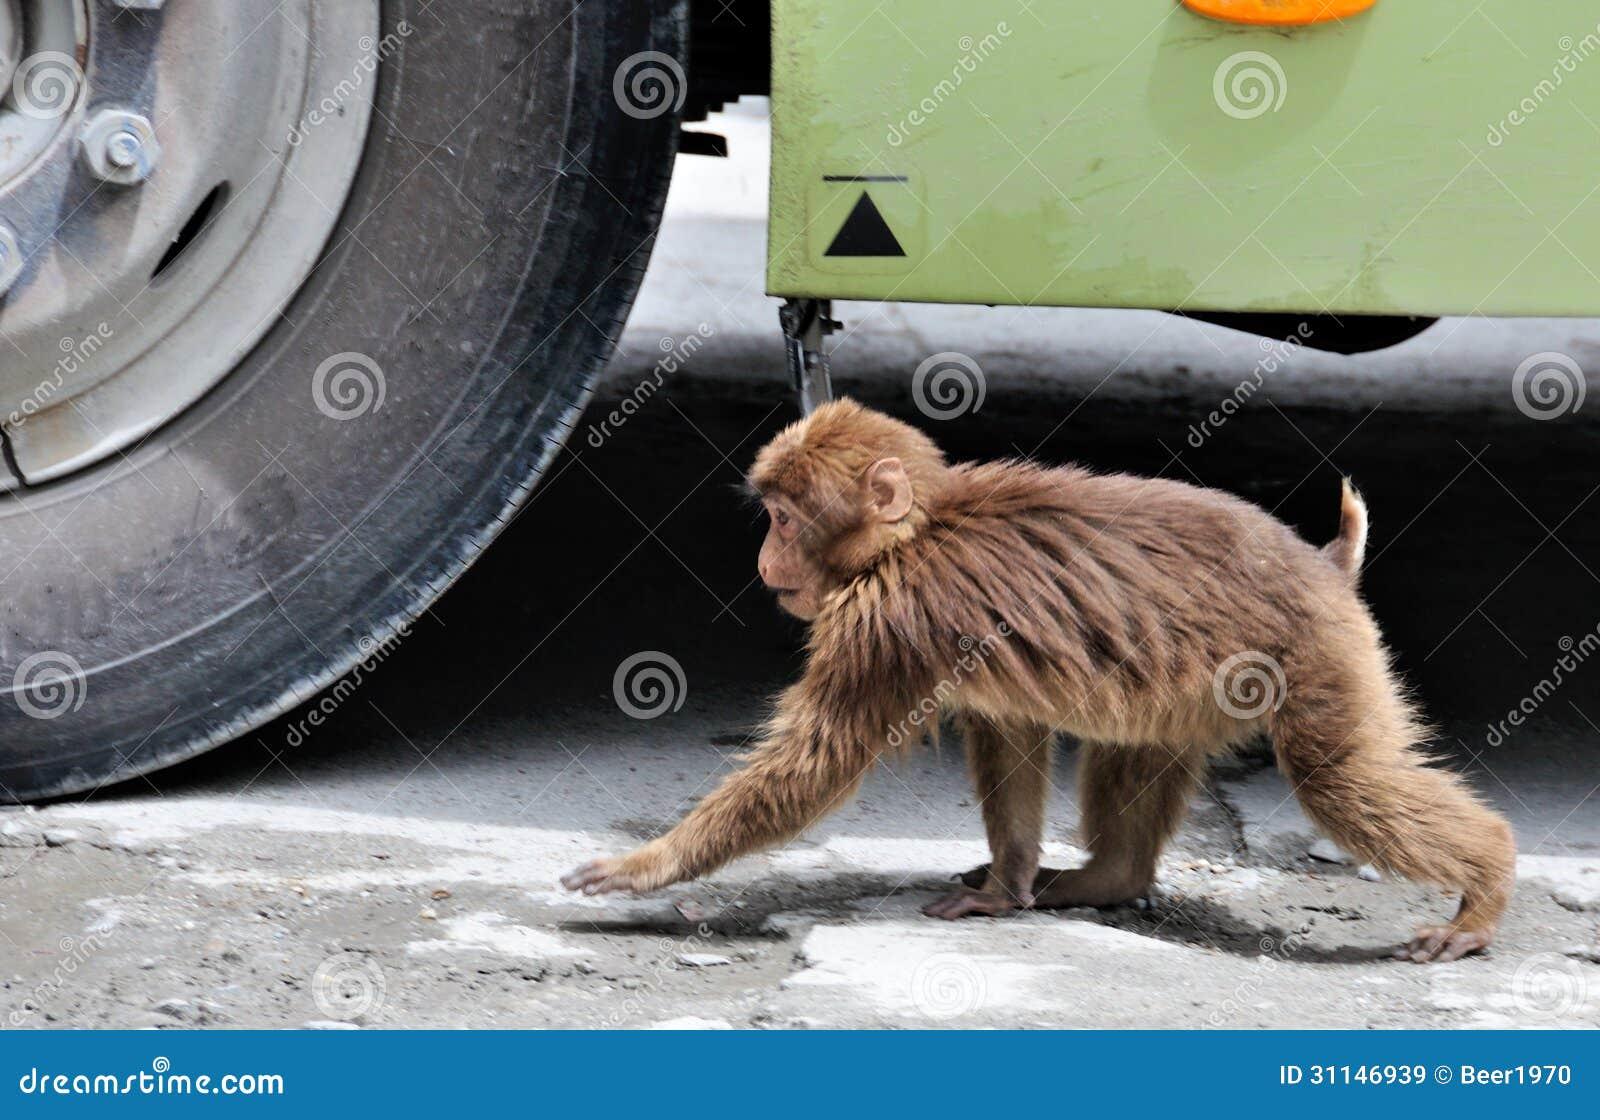 K Kutta Monkey Walk Download See Who Is Faster Roya...